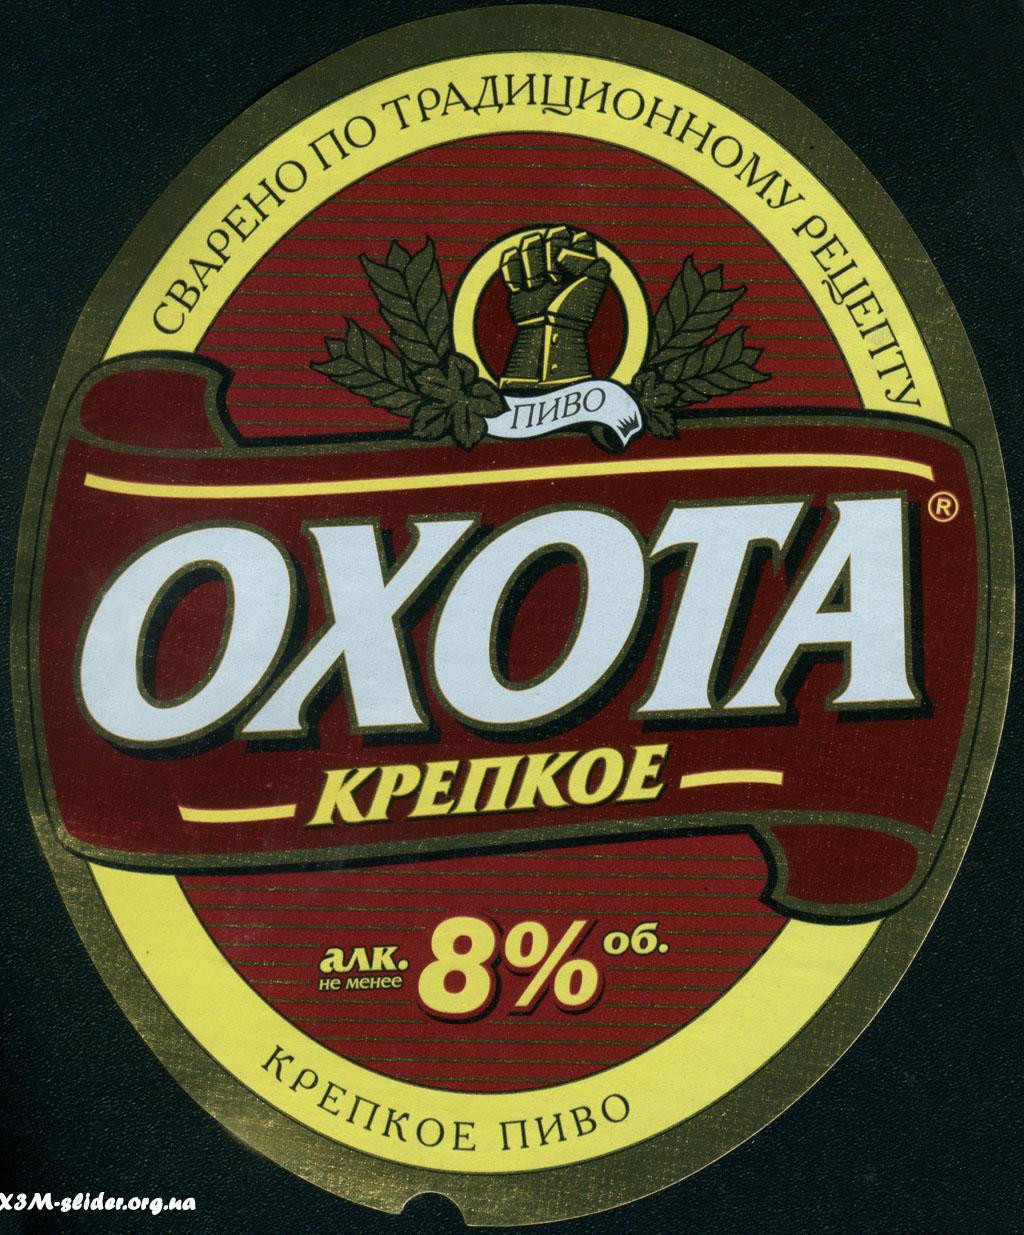 Охота - Крепкое пиво